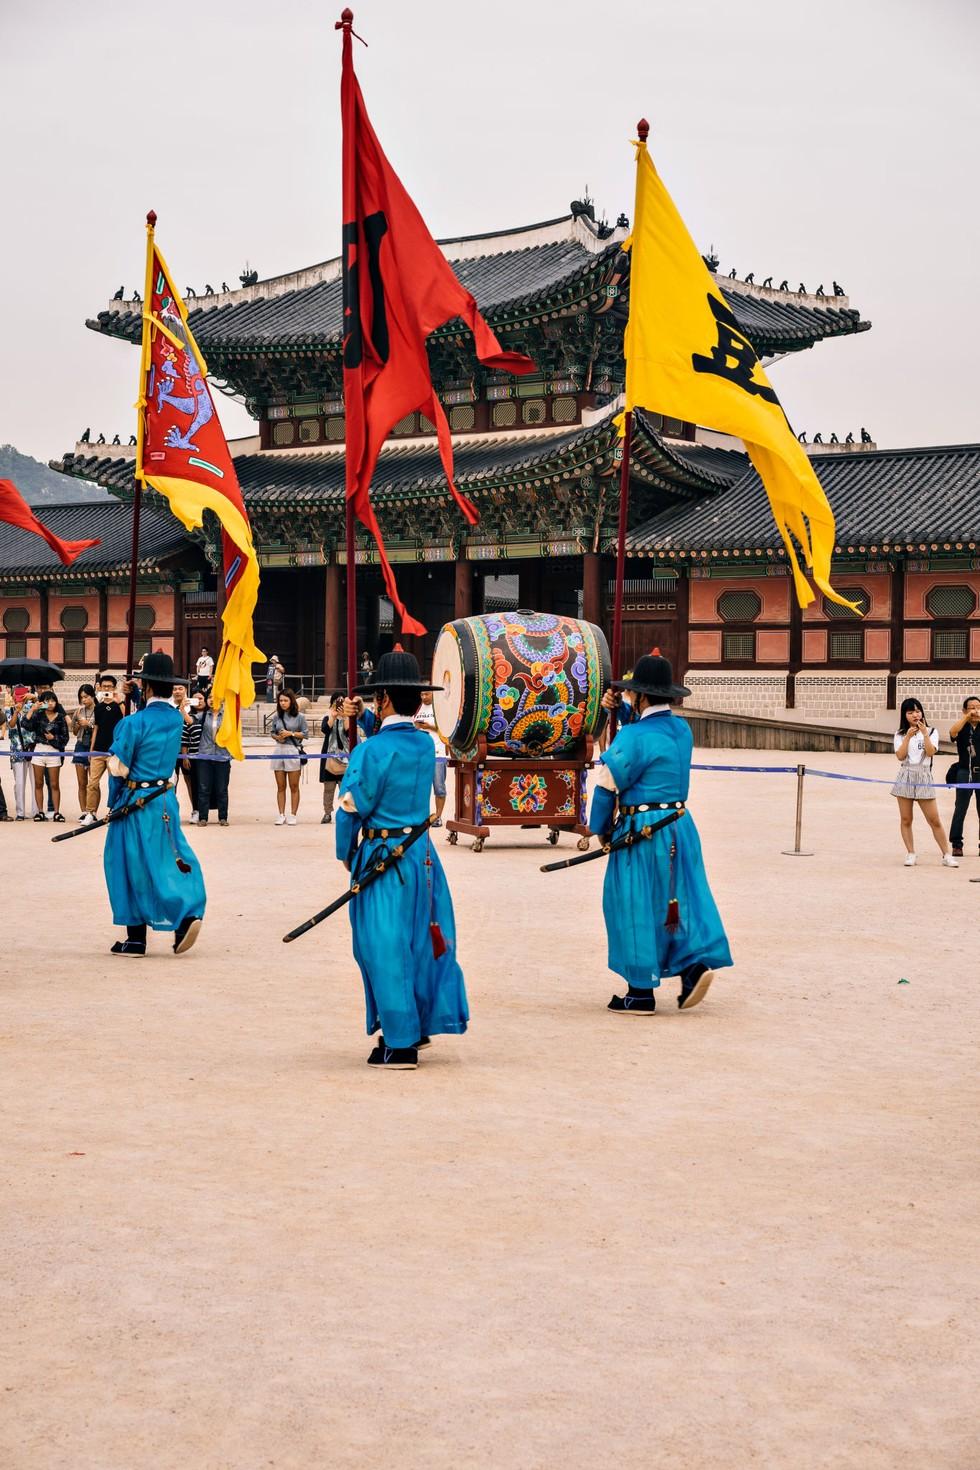 Royal guard at Gyeongbokgung Palace